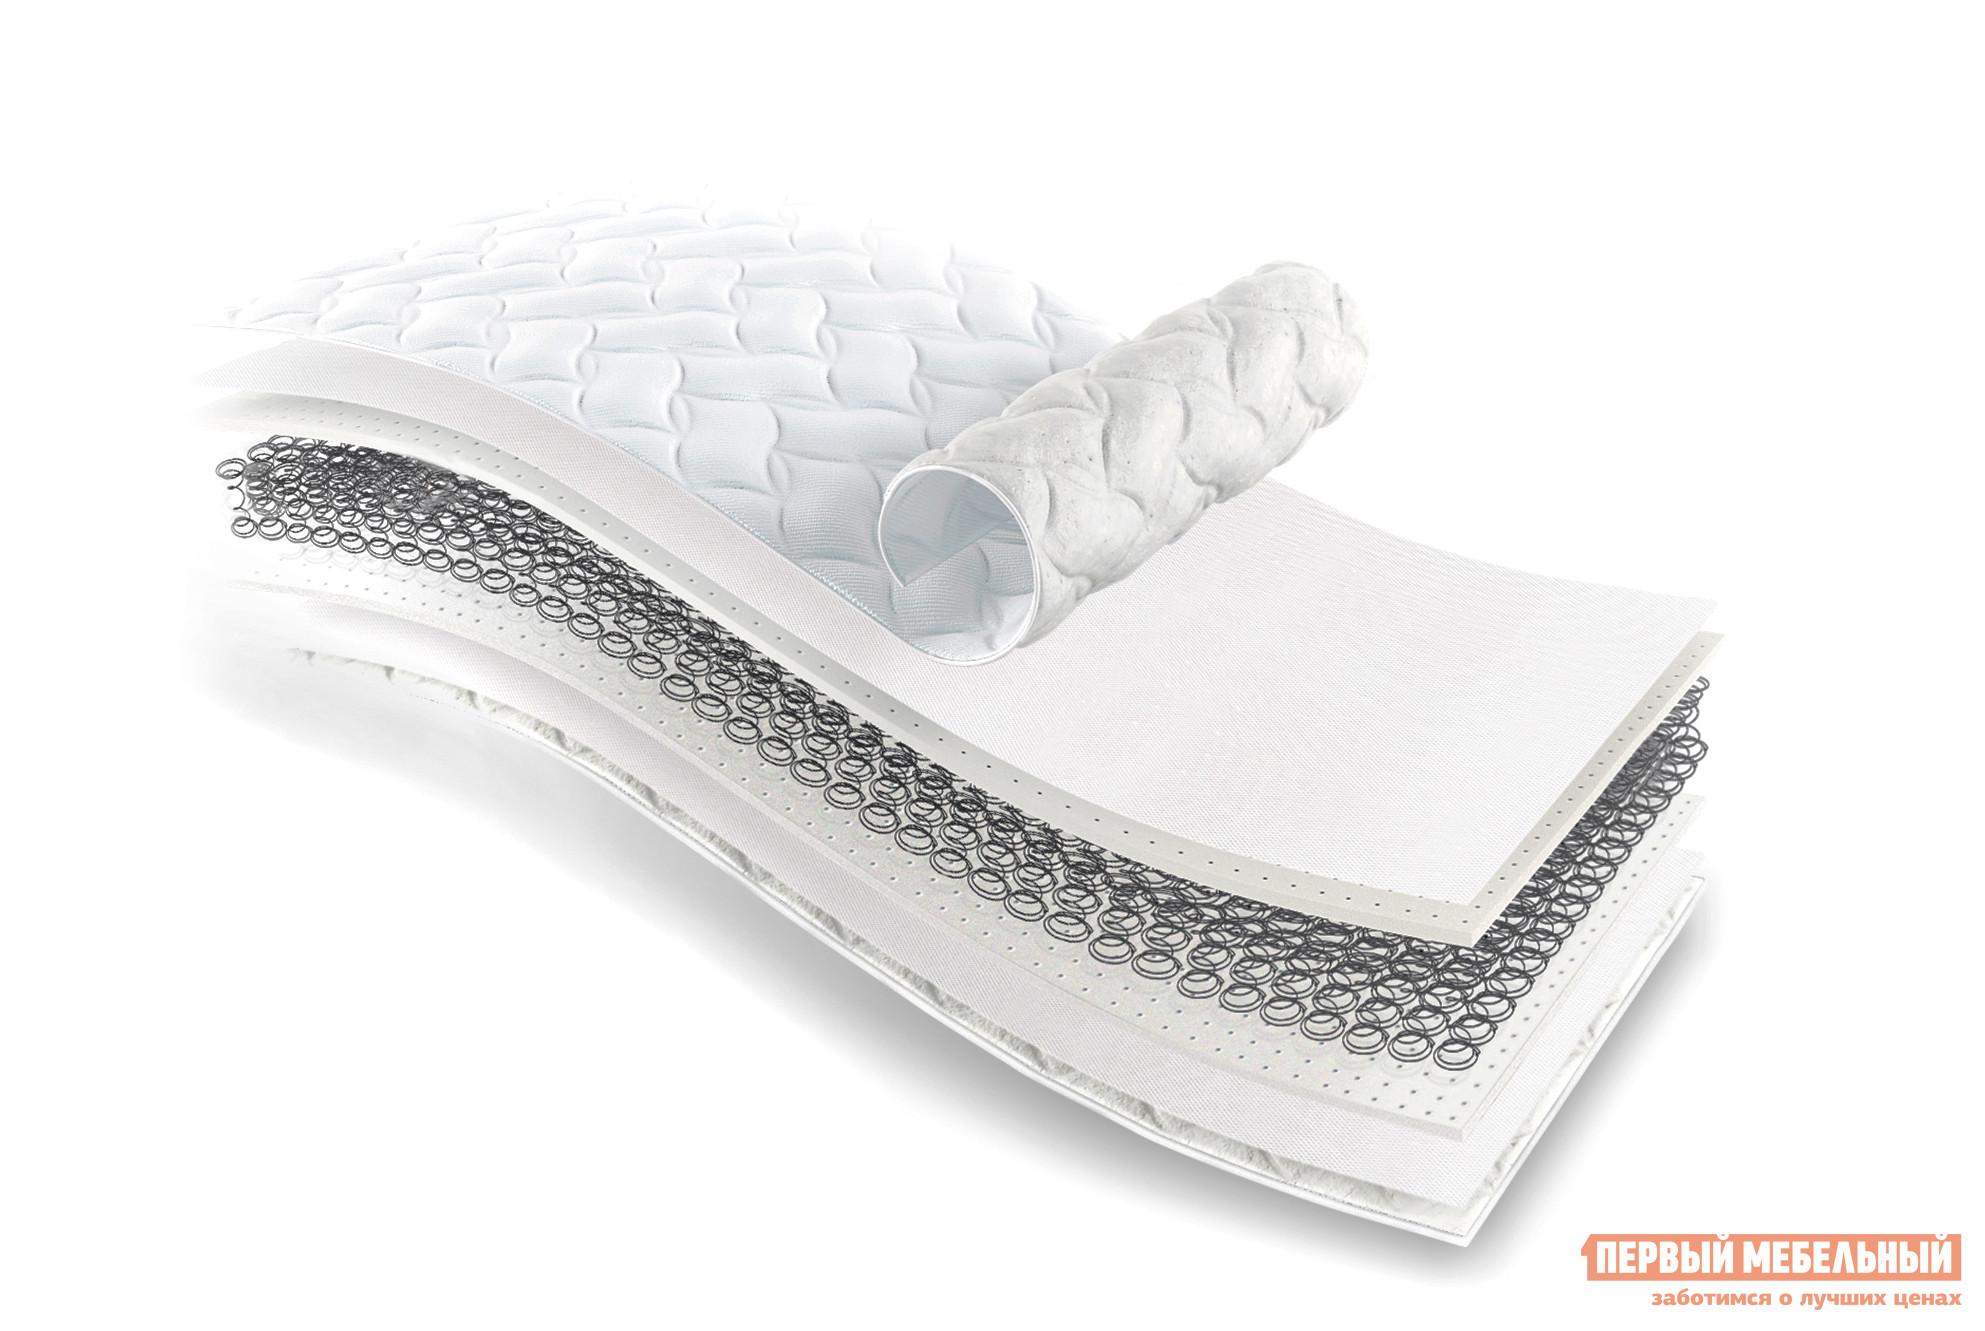 Матрас Бельмарко Дельта БелыйДетские матрасы<br>Габаритные размеры ВхШхГ 180x700x1600 мм. Ортопедический матрас средней жесткости поможет в формировании естественной правильной осанки. Пружинный блок «боннель», составляющий основу, обеспечивает требуемую жесткость и отличную амортизацию.  Во время ночного сна или отдыха тело расслабляется, нагрузка распределяется равномерно от макушки до ступней.  Наличие в составе матраса наполнителя лайтек дарят лежащему человеку ощущение приятной комфортной мягкости.  Чехол матраса изготовлен из износостойкой жаккардовой ткани, простеганной синтепоном.  Поставляется в скрученном виде, в вакуумной упаковке.  При этом матрас не деформируется, после распаковки принимает прежний вид. Размер спального места составляет 700х1600 мм.<br><br>Цвет: Белый<br>Высота мм: 180<br>Ширина мм: 700<br>Глубина мм: 1600<br>Кол-во упаковок: 1<br>Форма поставки: В разобранном виде<br>Срок гарантии: 1 год<br>Тип: До 80 кг<br>Тип: До 100 кг<br>Тип: До 90 кг<br>Тип: До 70 кг<br>Тип: Ортопедические<br>Тип: До 110 кг<br>Назначение: Детские<br>Размер: 70Х160 см<br>Высота: 16 — 25 см<br>В рулоне: Да<br>Жесткость: Средняя<br>Пружинный блок: Боннель<br>Пружинный блок: Пружинный<br>Наполнение: Войлок